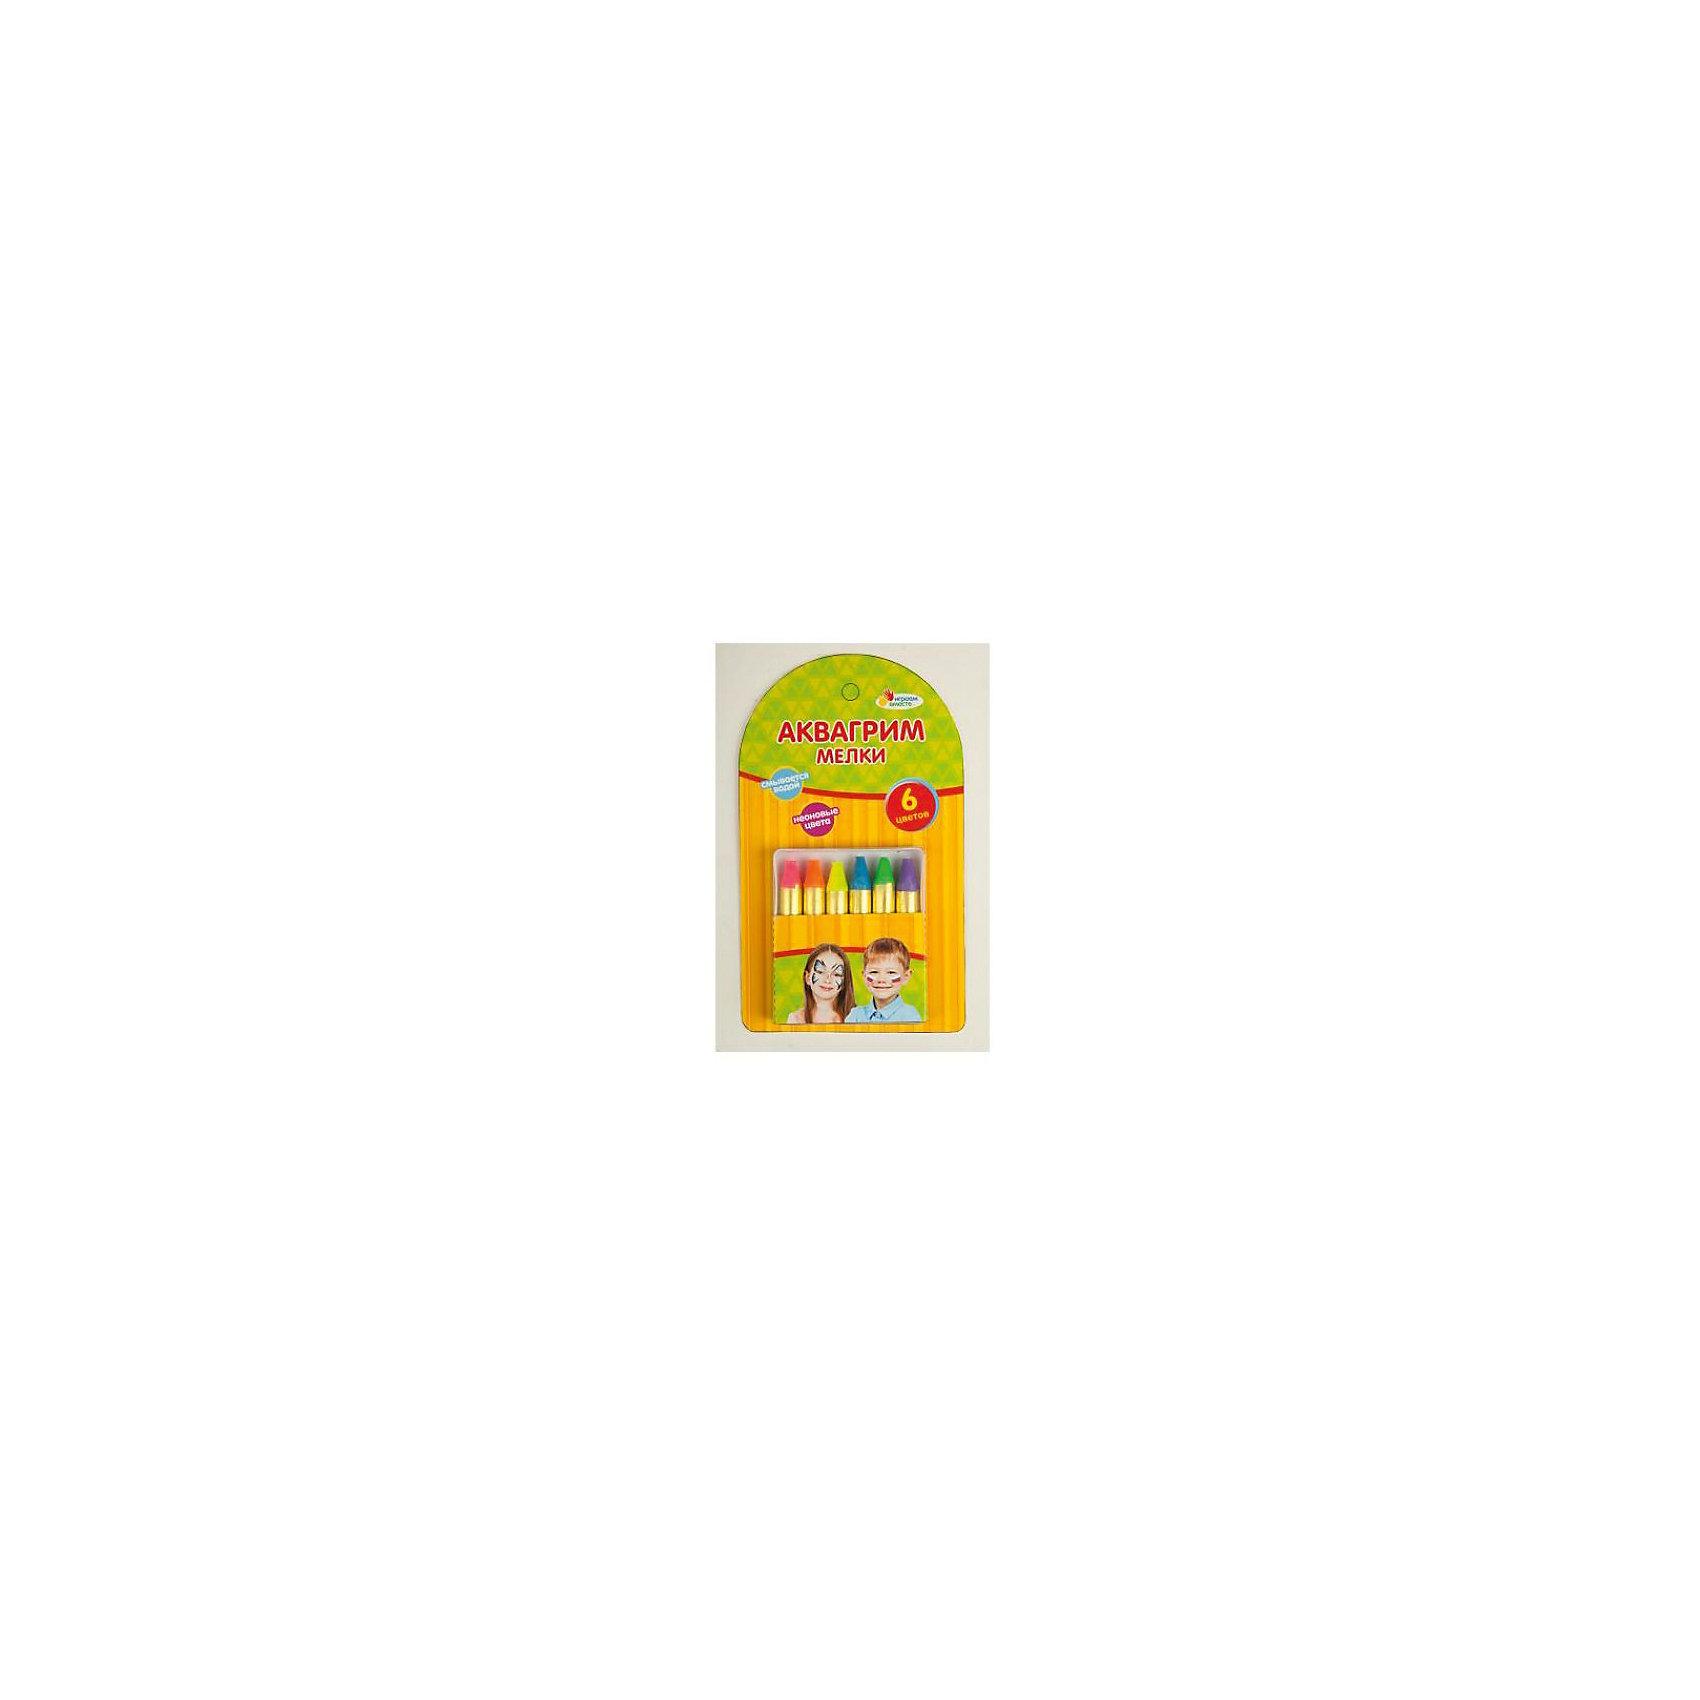 Аквагрим мелки Multiart 6 цветов (неоновые цвета)Косметика, грим и парфюмерия<br>Мелки MULTIART Аквагрим  6  неоновых цветов (фиолетовый, розовый, синий, оранжевый, зеленый, желтый)  Легко смывается водой. Изготовлен из высококачественных гипоаллергенных материалов<br><br>Ширина мм: 20<br>Глубина мм: 140<br>Высота мм: 80<br>Вес г: 40<br>Возраст от месяцев: 36<br>Возраст до месяцев: 84<br>Пол: Унисекс<br>Возраст: Детский<br>SKU: 5396485